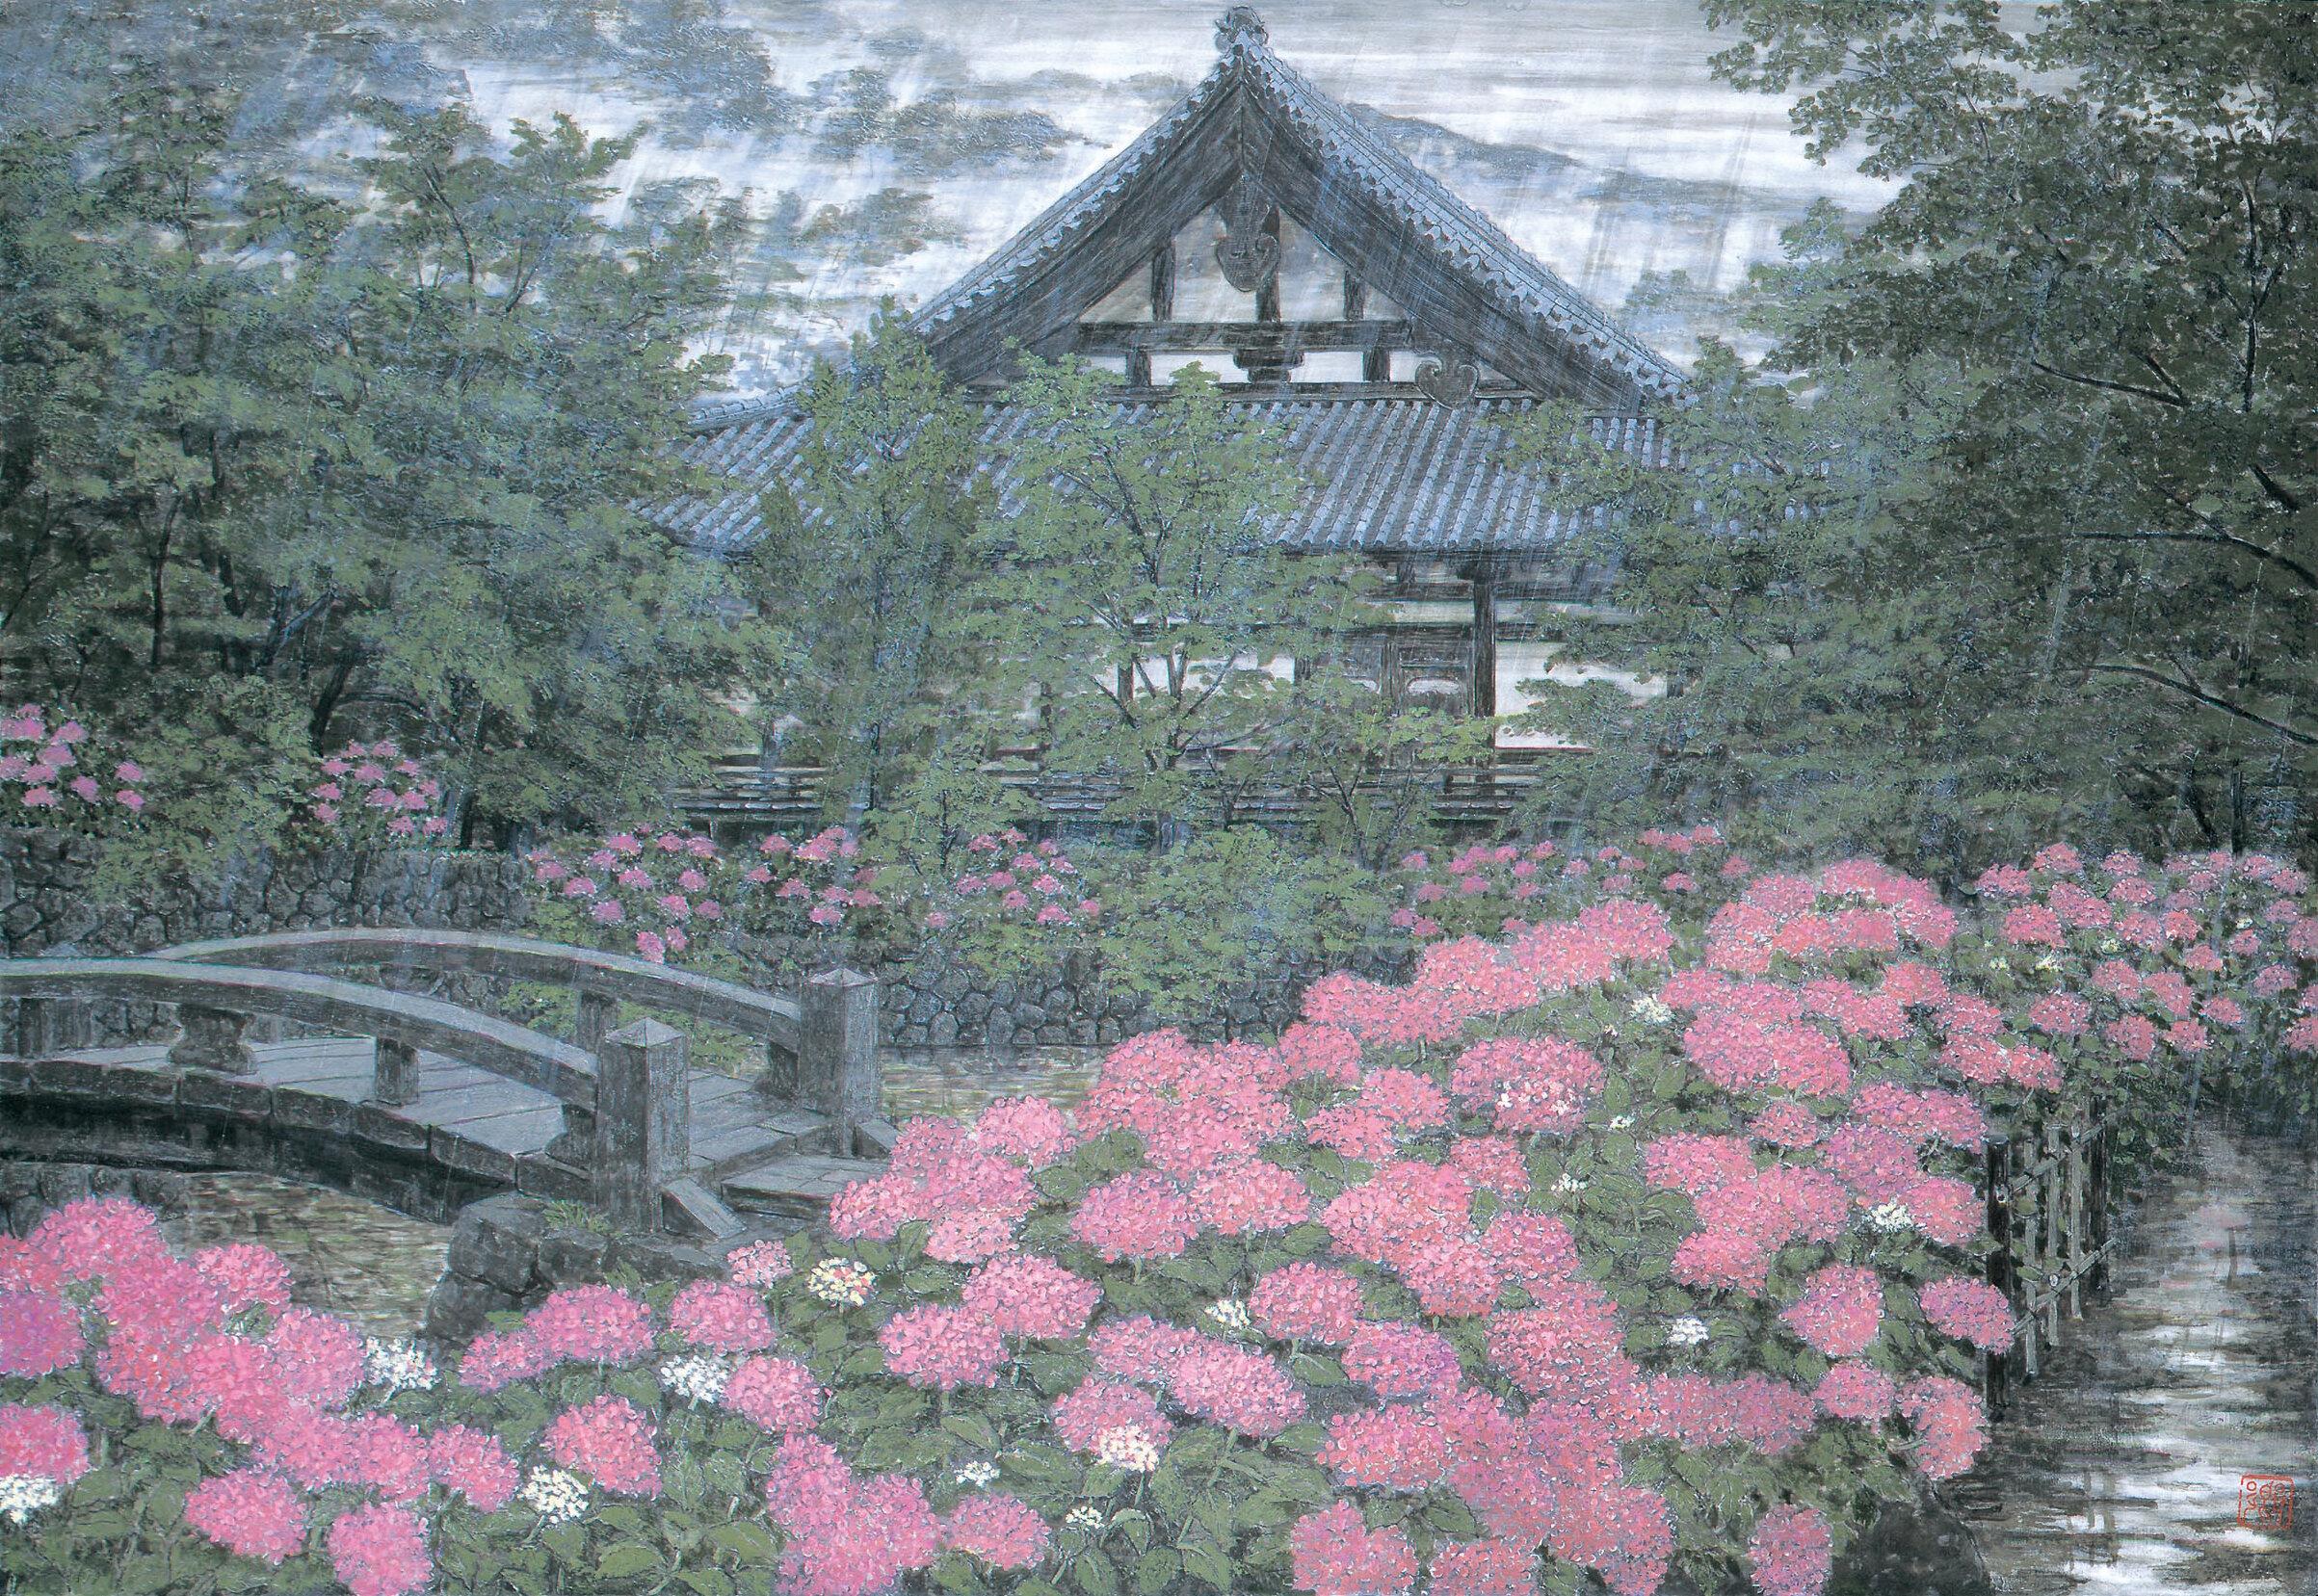 Kei Shibusawa 'syurousaiun(珠楼綵雲)' 1995